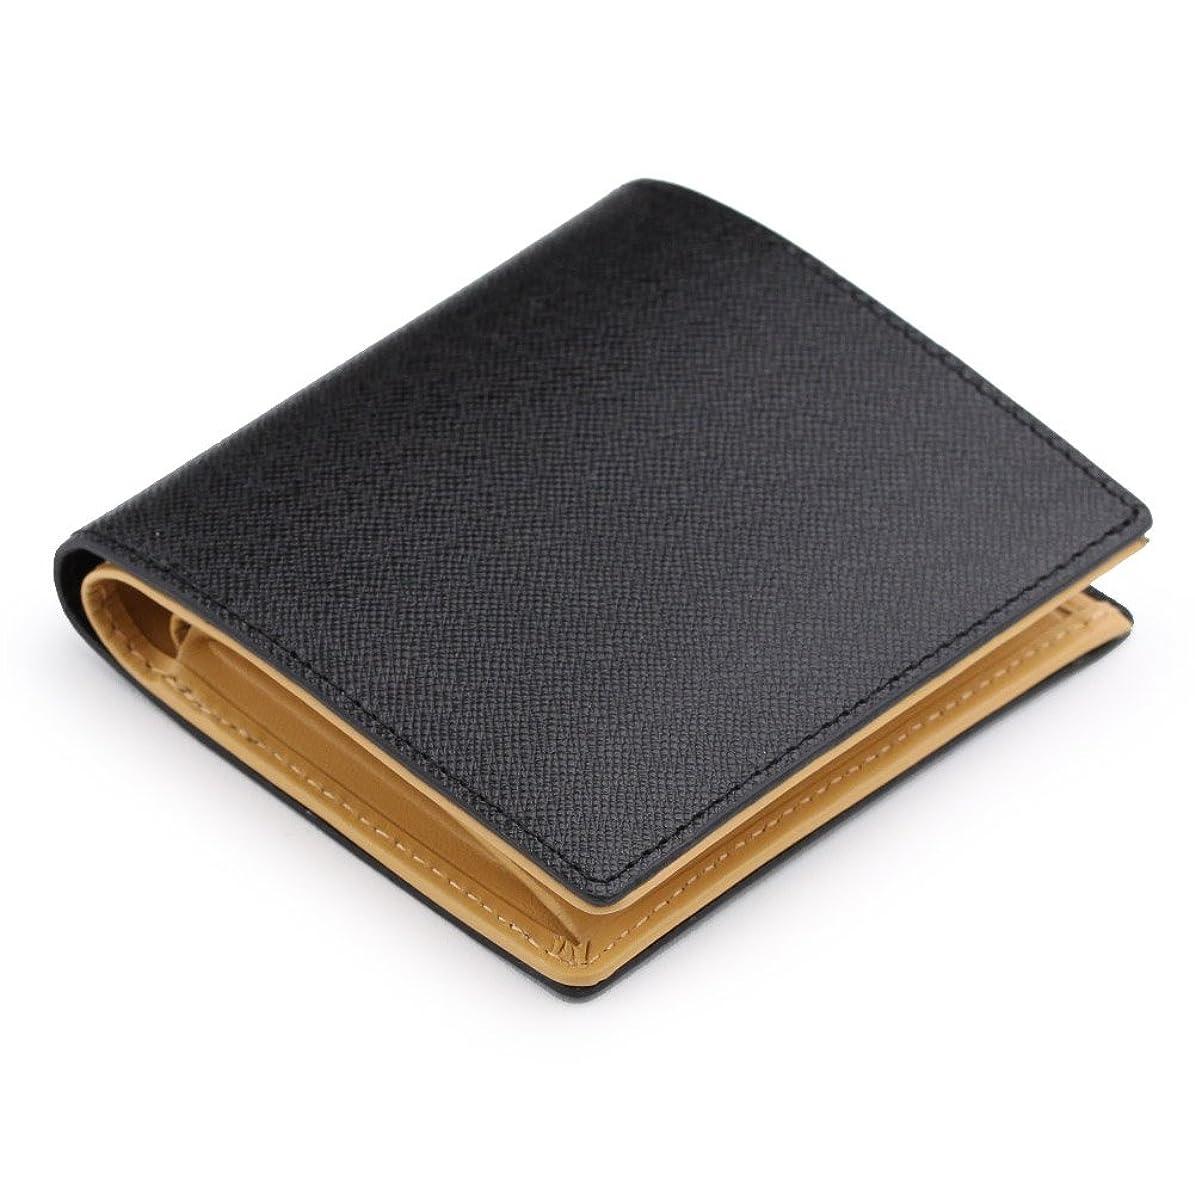 さわやか累計ジャーナル本革 角シボ型押し牛革 二つ折り財布 (BOX小銭入れつき)